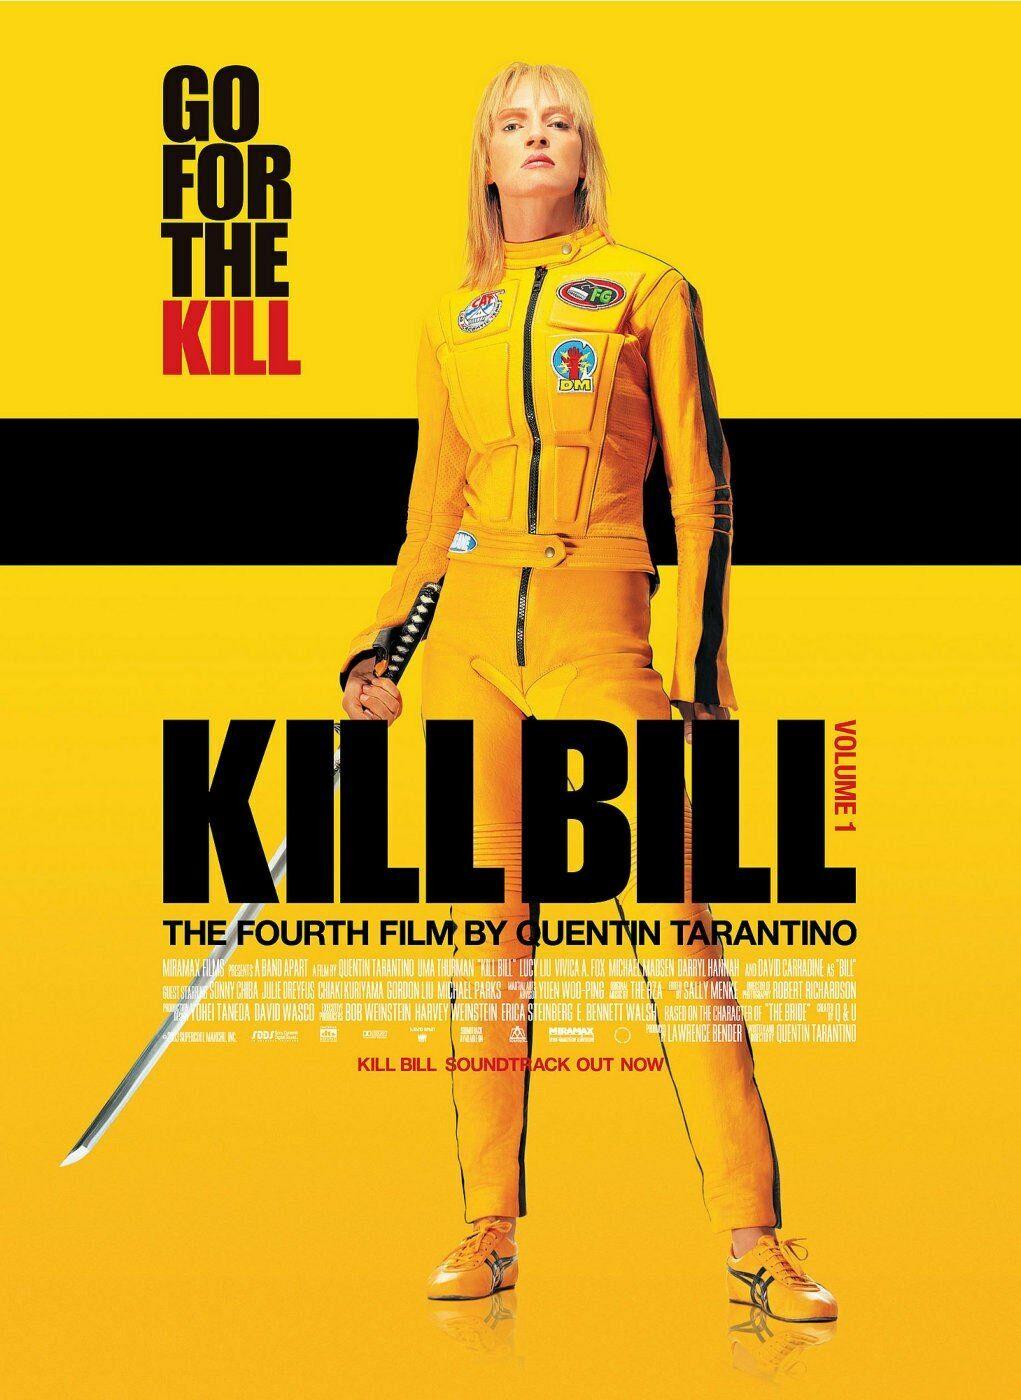 killbill1poster.jpg (1021×1400)